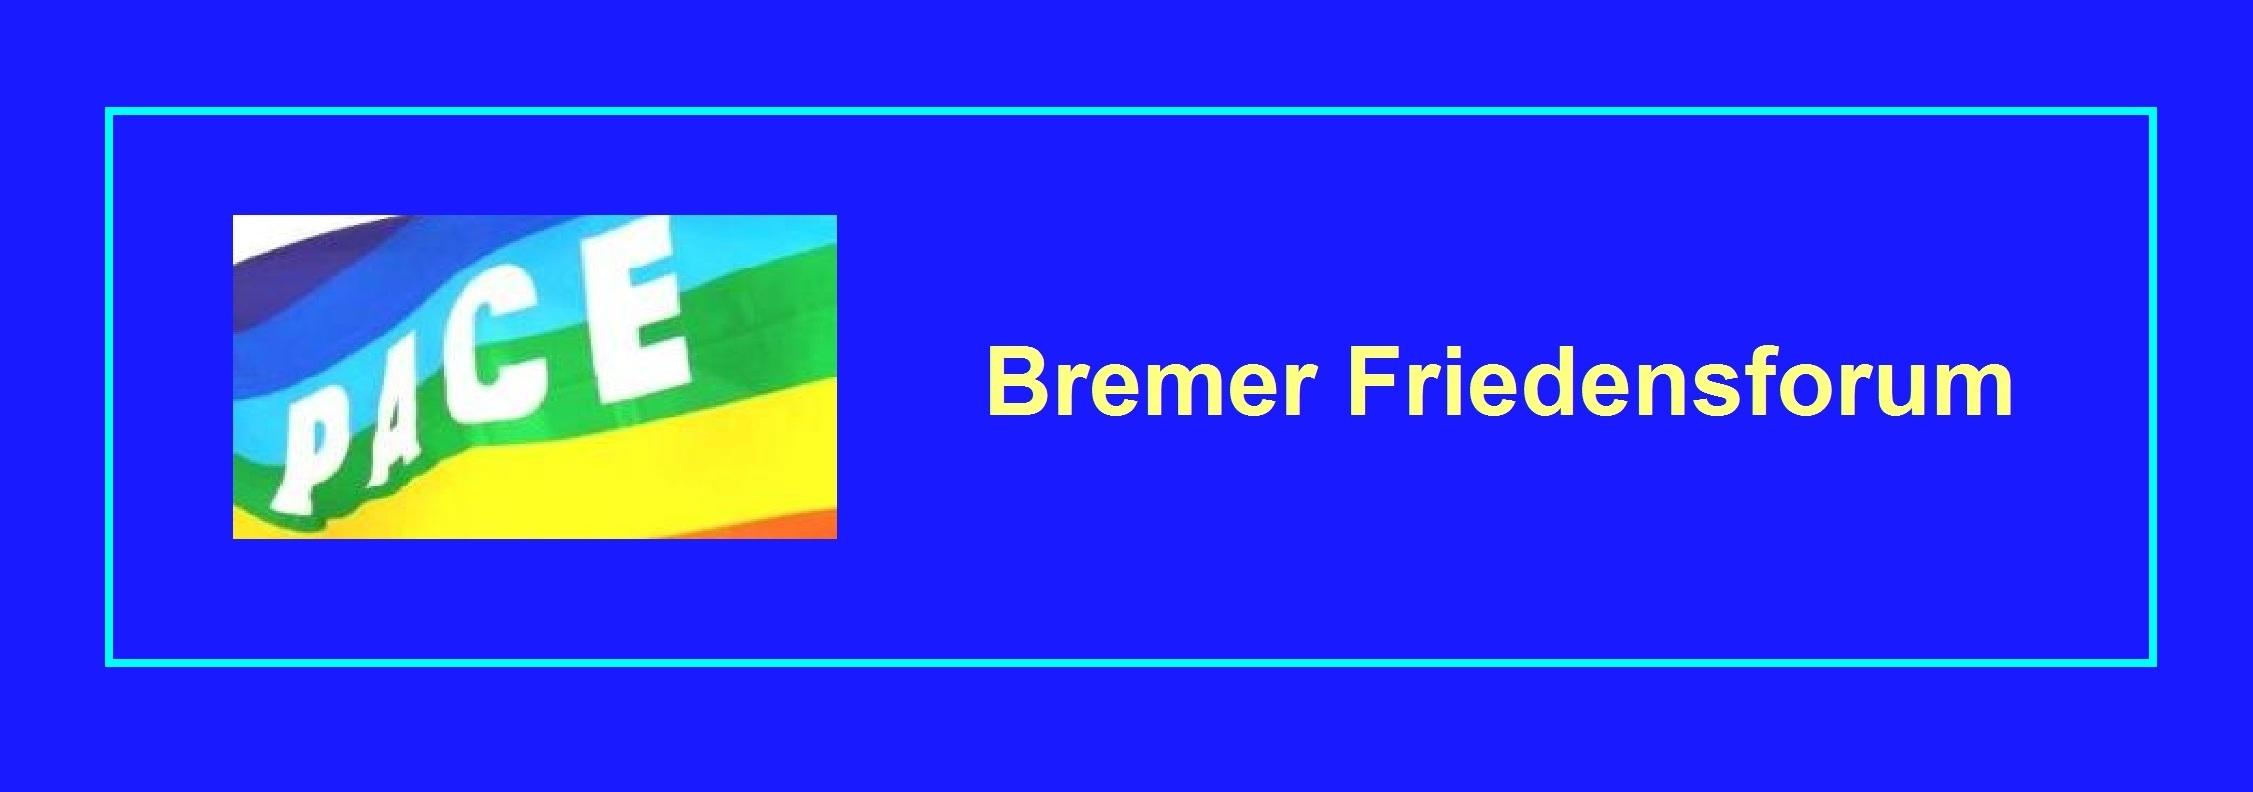 Bremer Friedensforum.